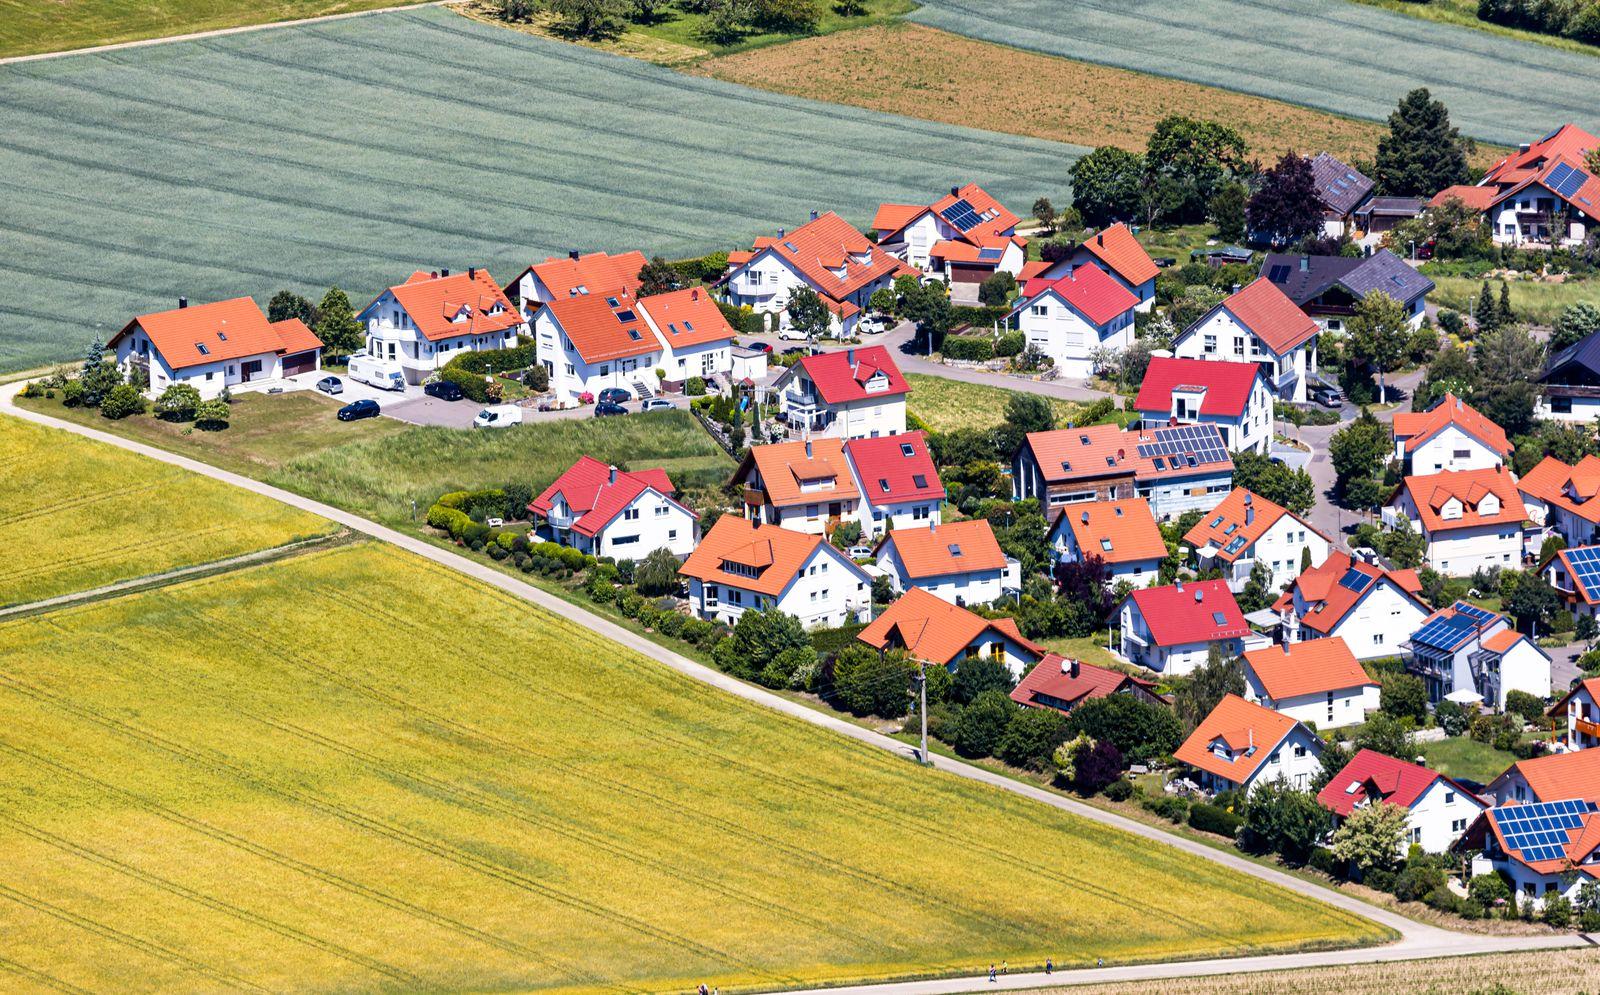 Deutschland, Baden-W¸rttemberg, Bissingen an der Teck, 01.06.2020: Baugebiet mit neuen Einfamilienh?usern in Bissingen a